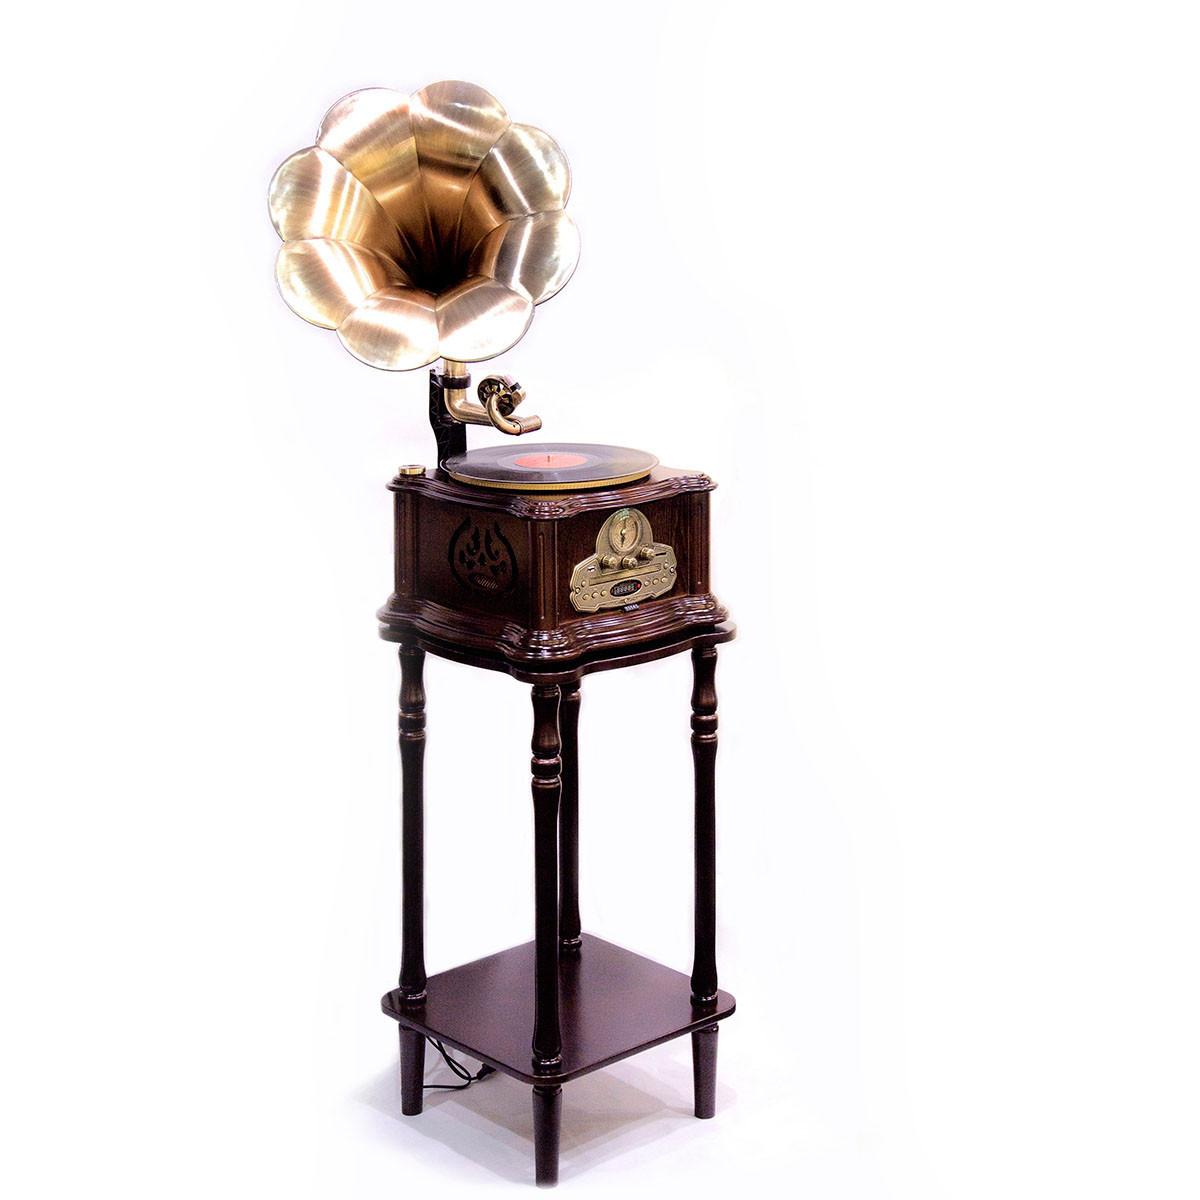 Граммофон в ретро стиле с корпусом и тумбой из натурального дерева «Париж»